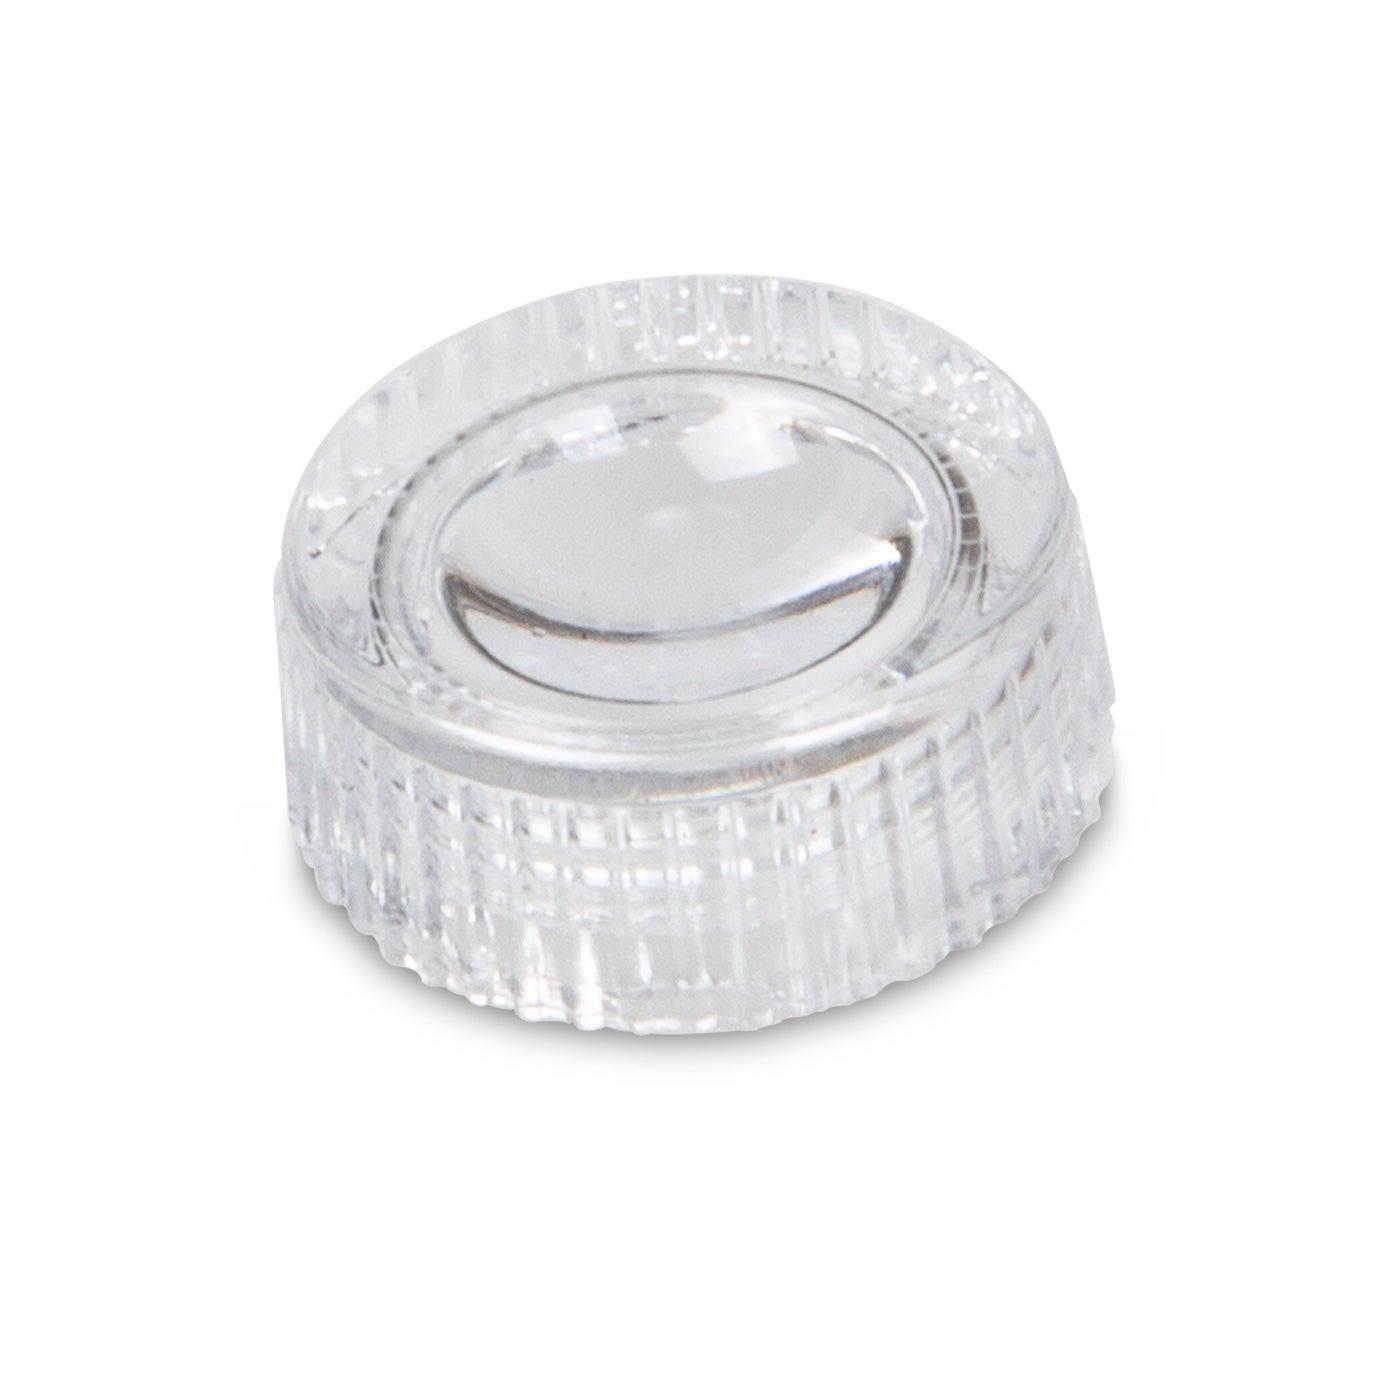 Dental Curing Lights - FLASHlite 2.0 Lens Caps